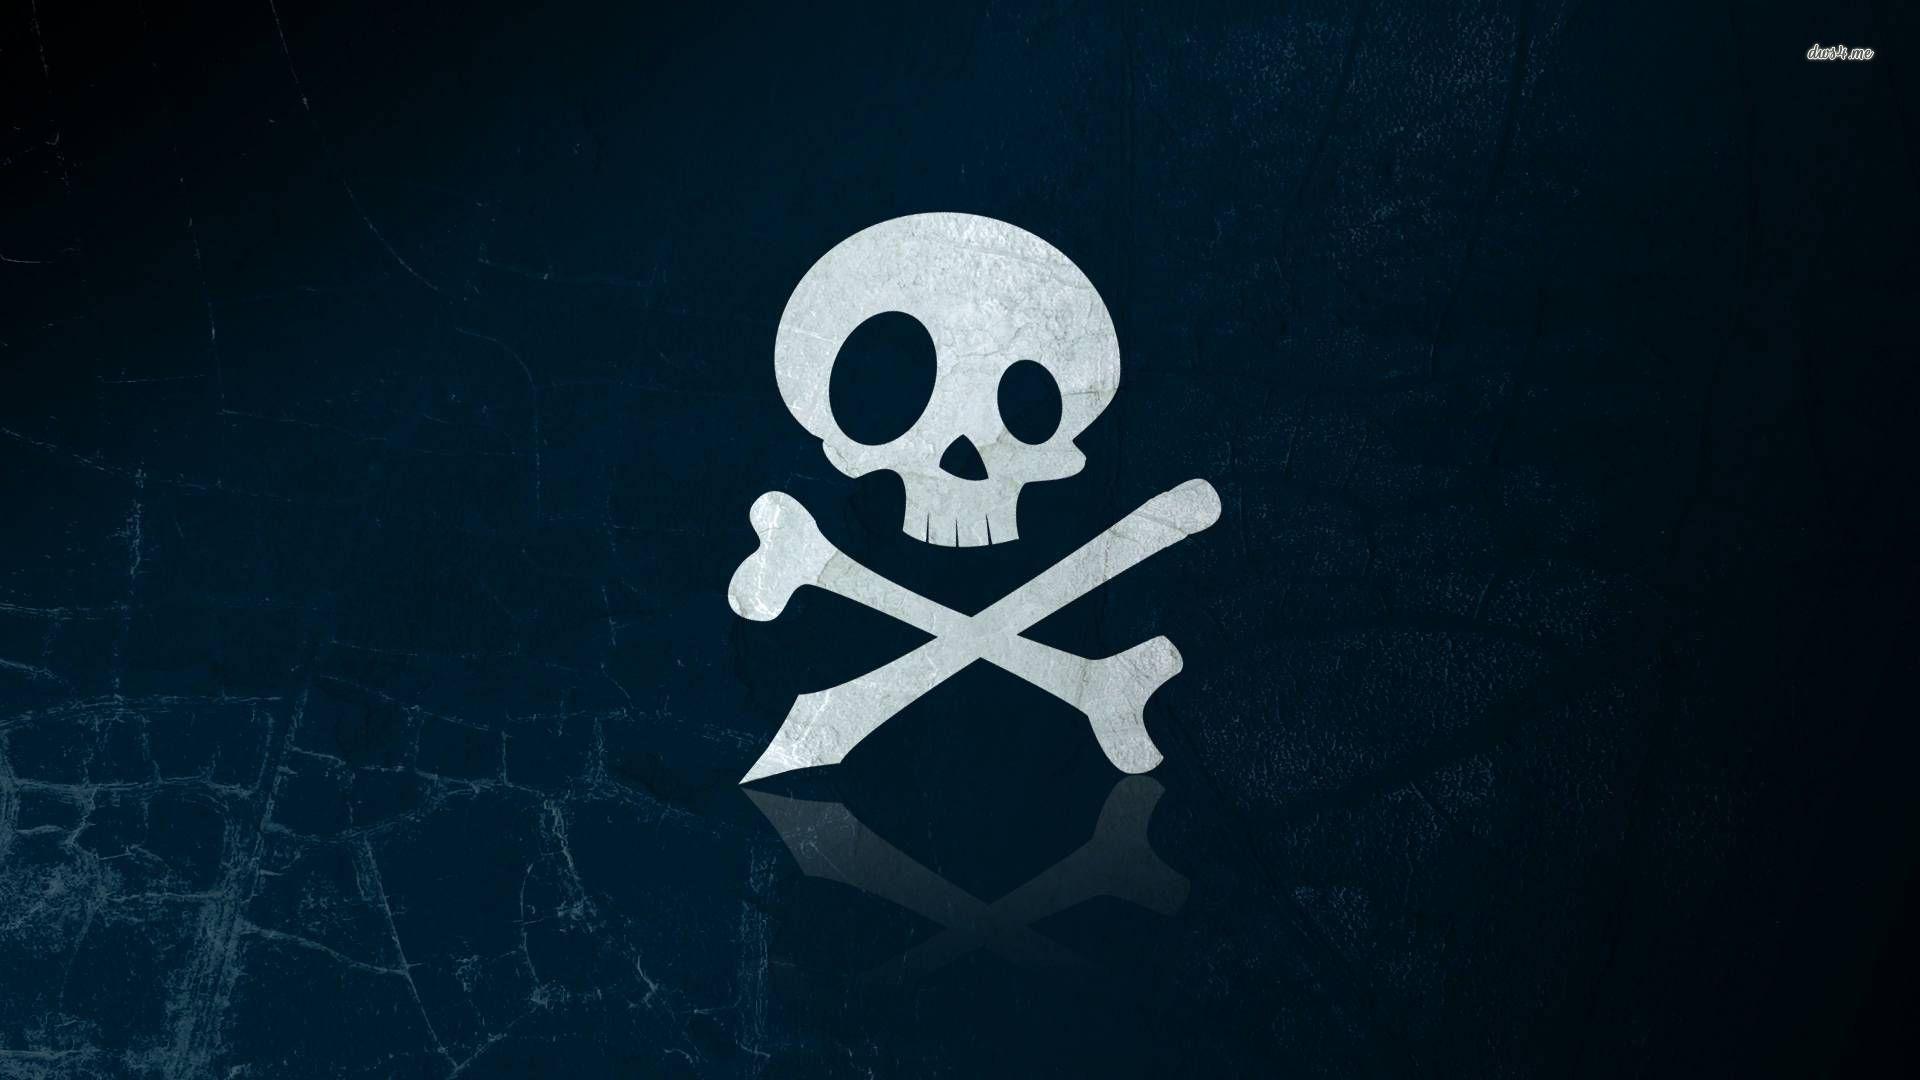 Skull and crossbones wallpaper 1280x800 Skull and crossbones wallpaper 1920x1080